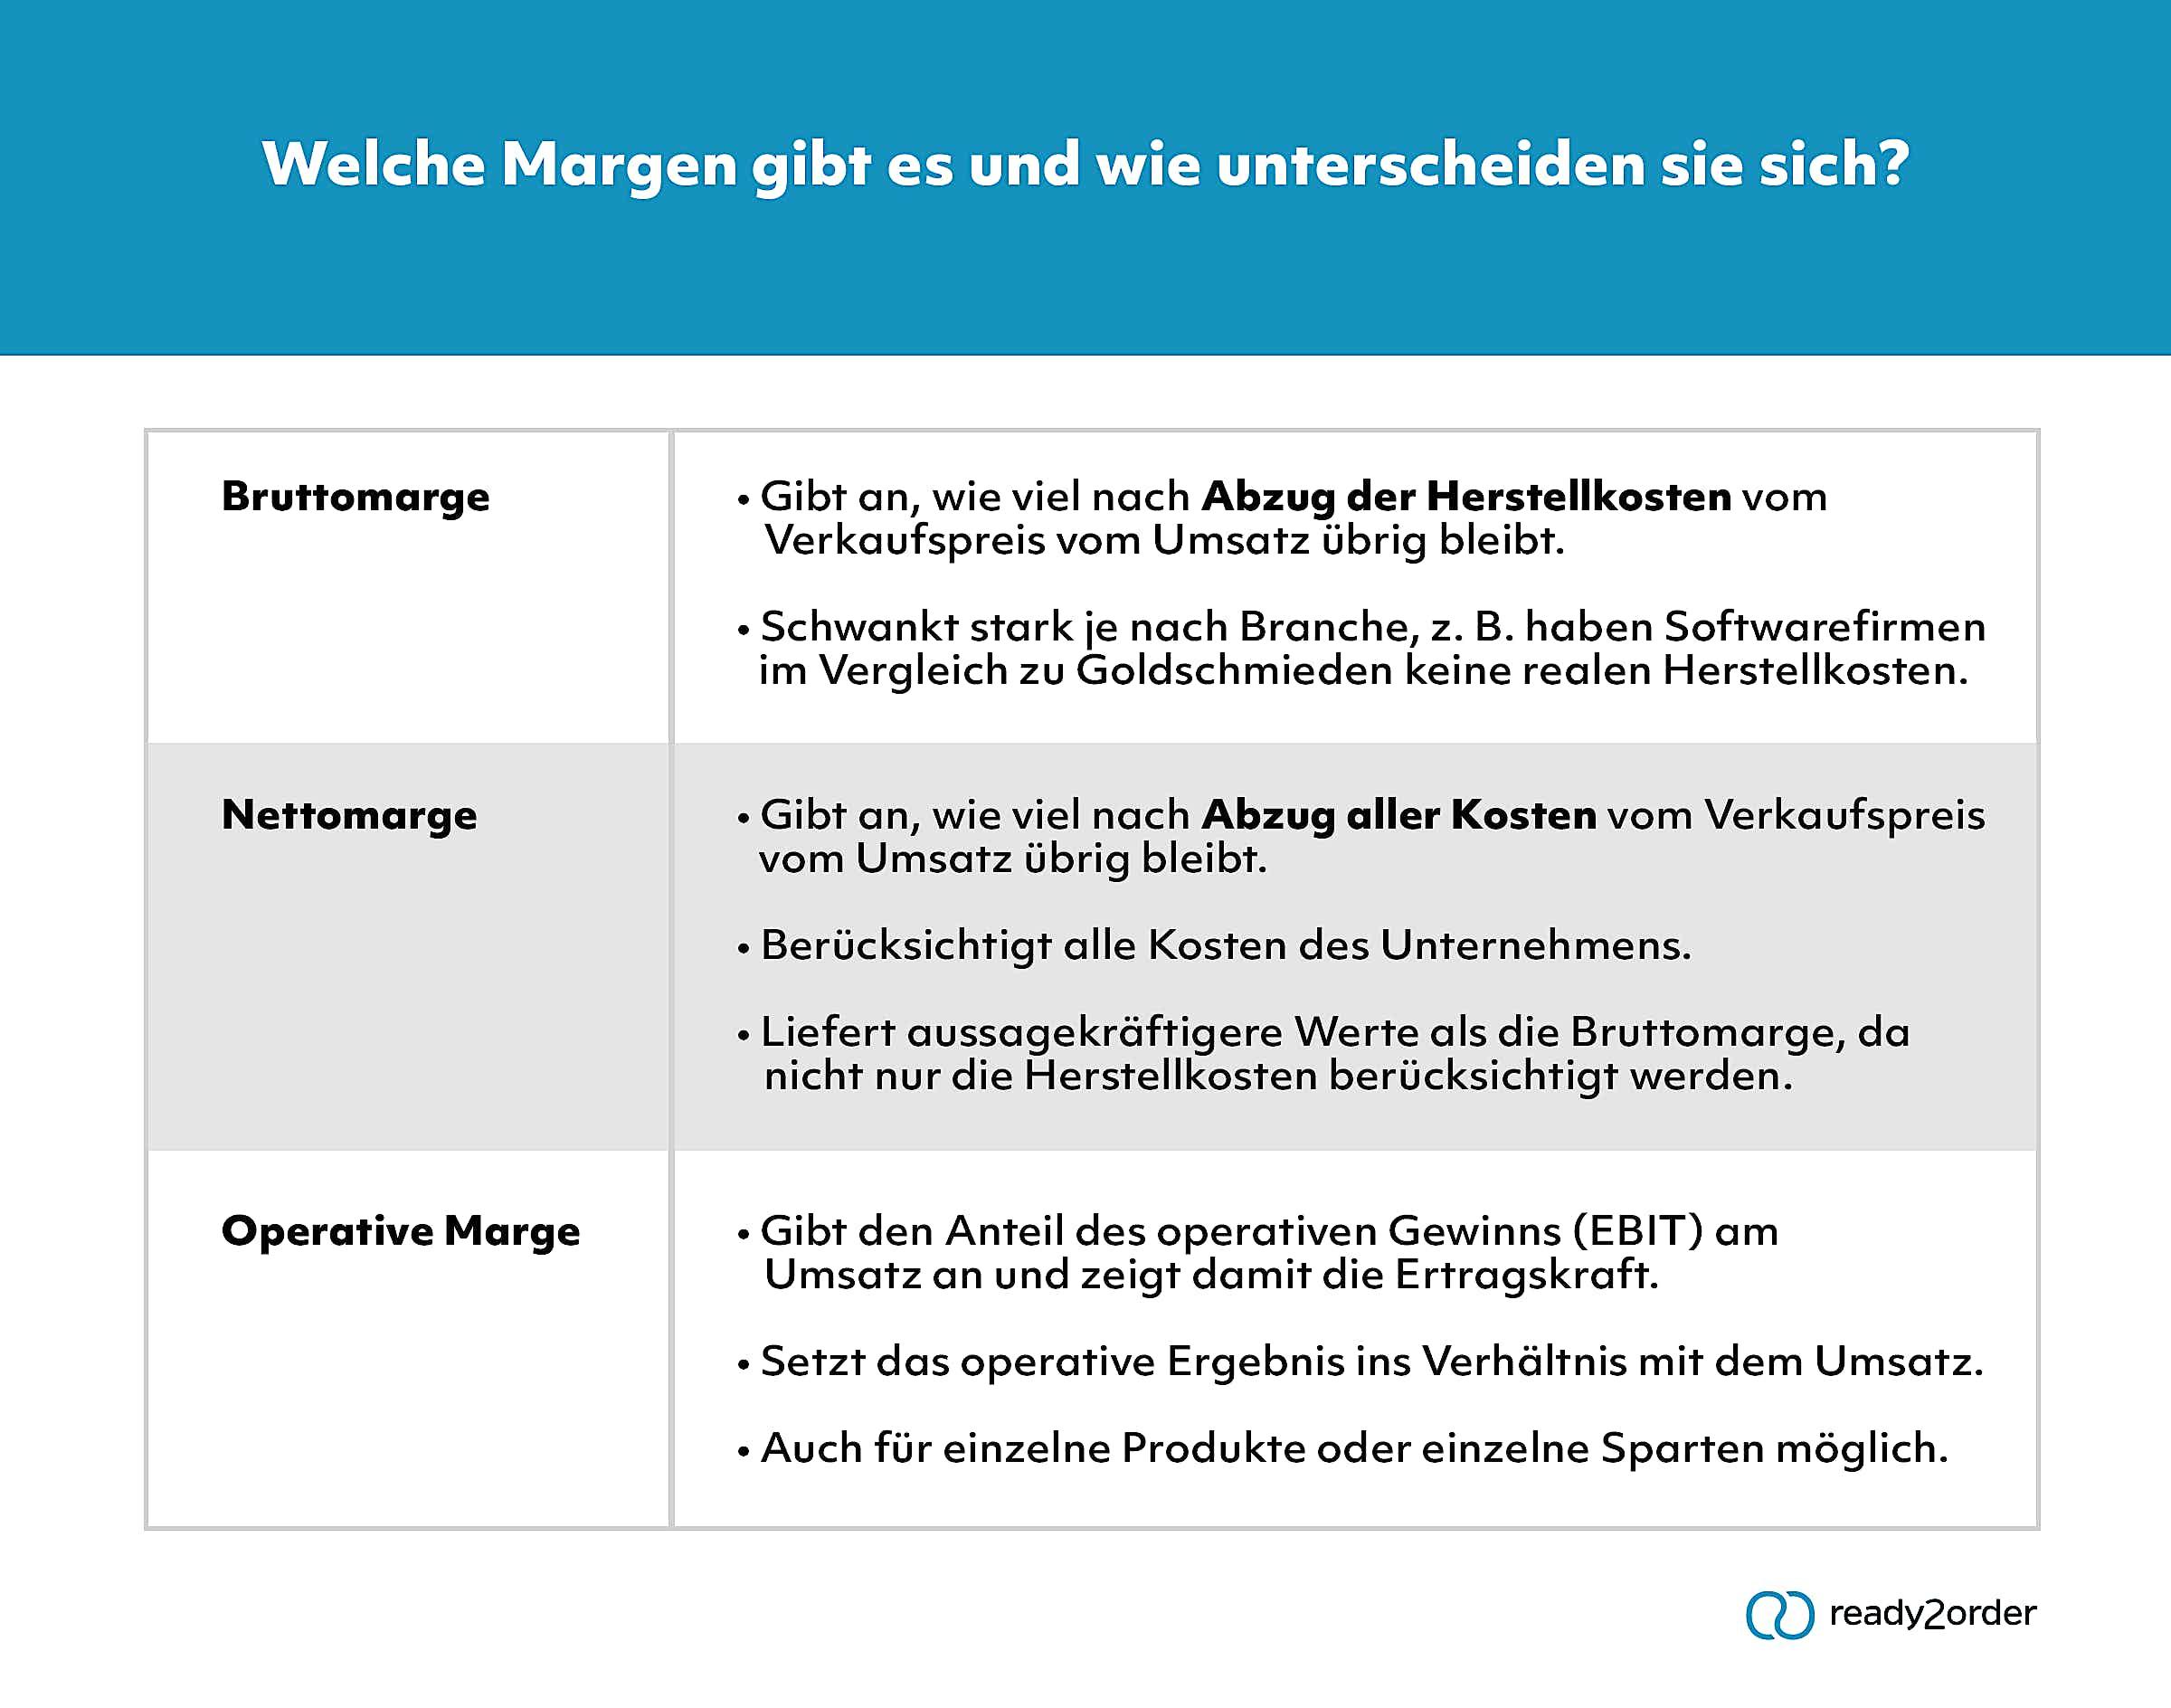 Margen (Infografik)